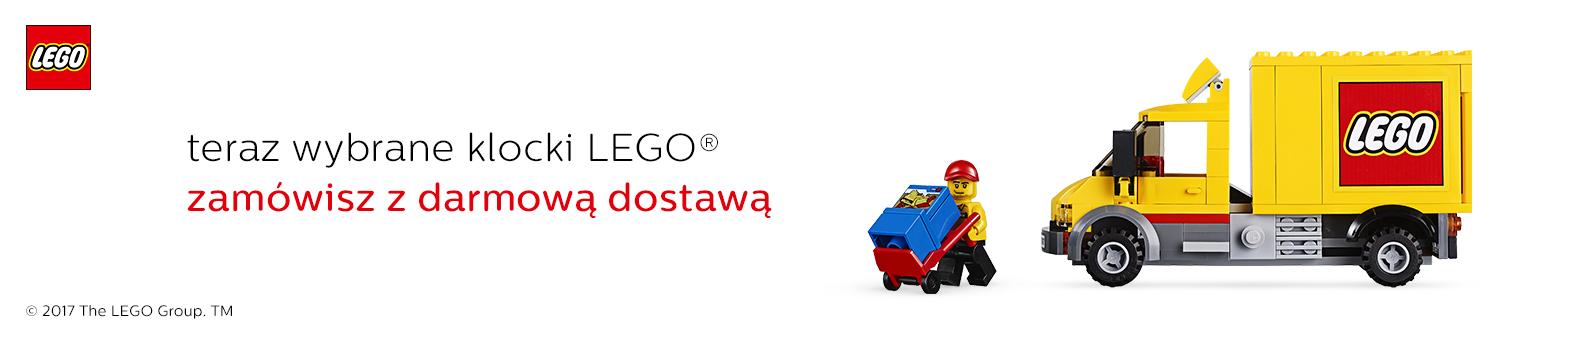 LEGO darmowa dostawa